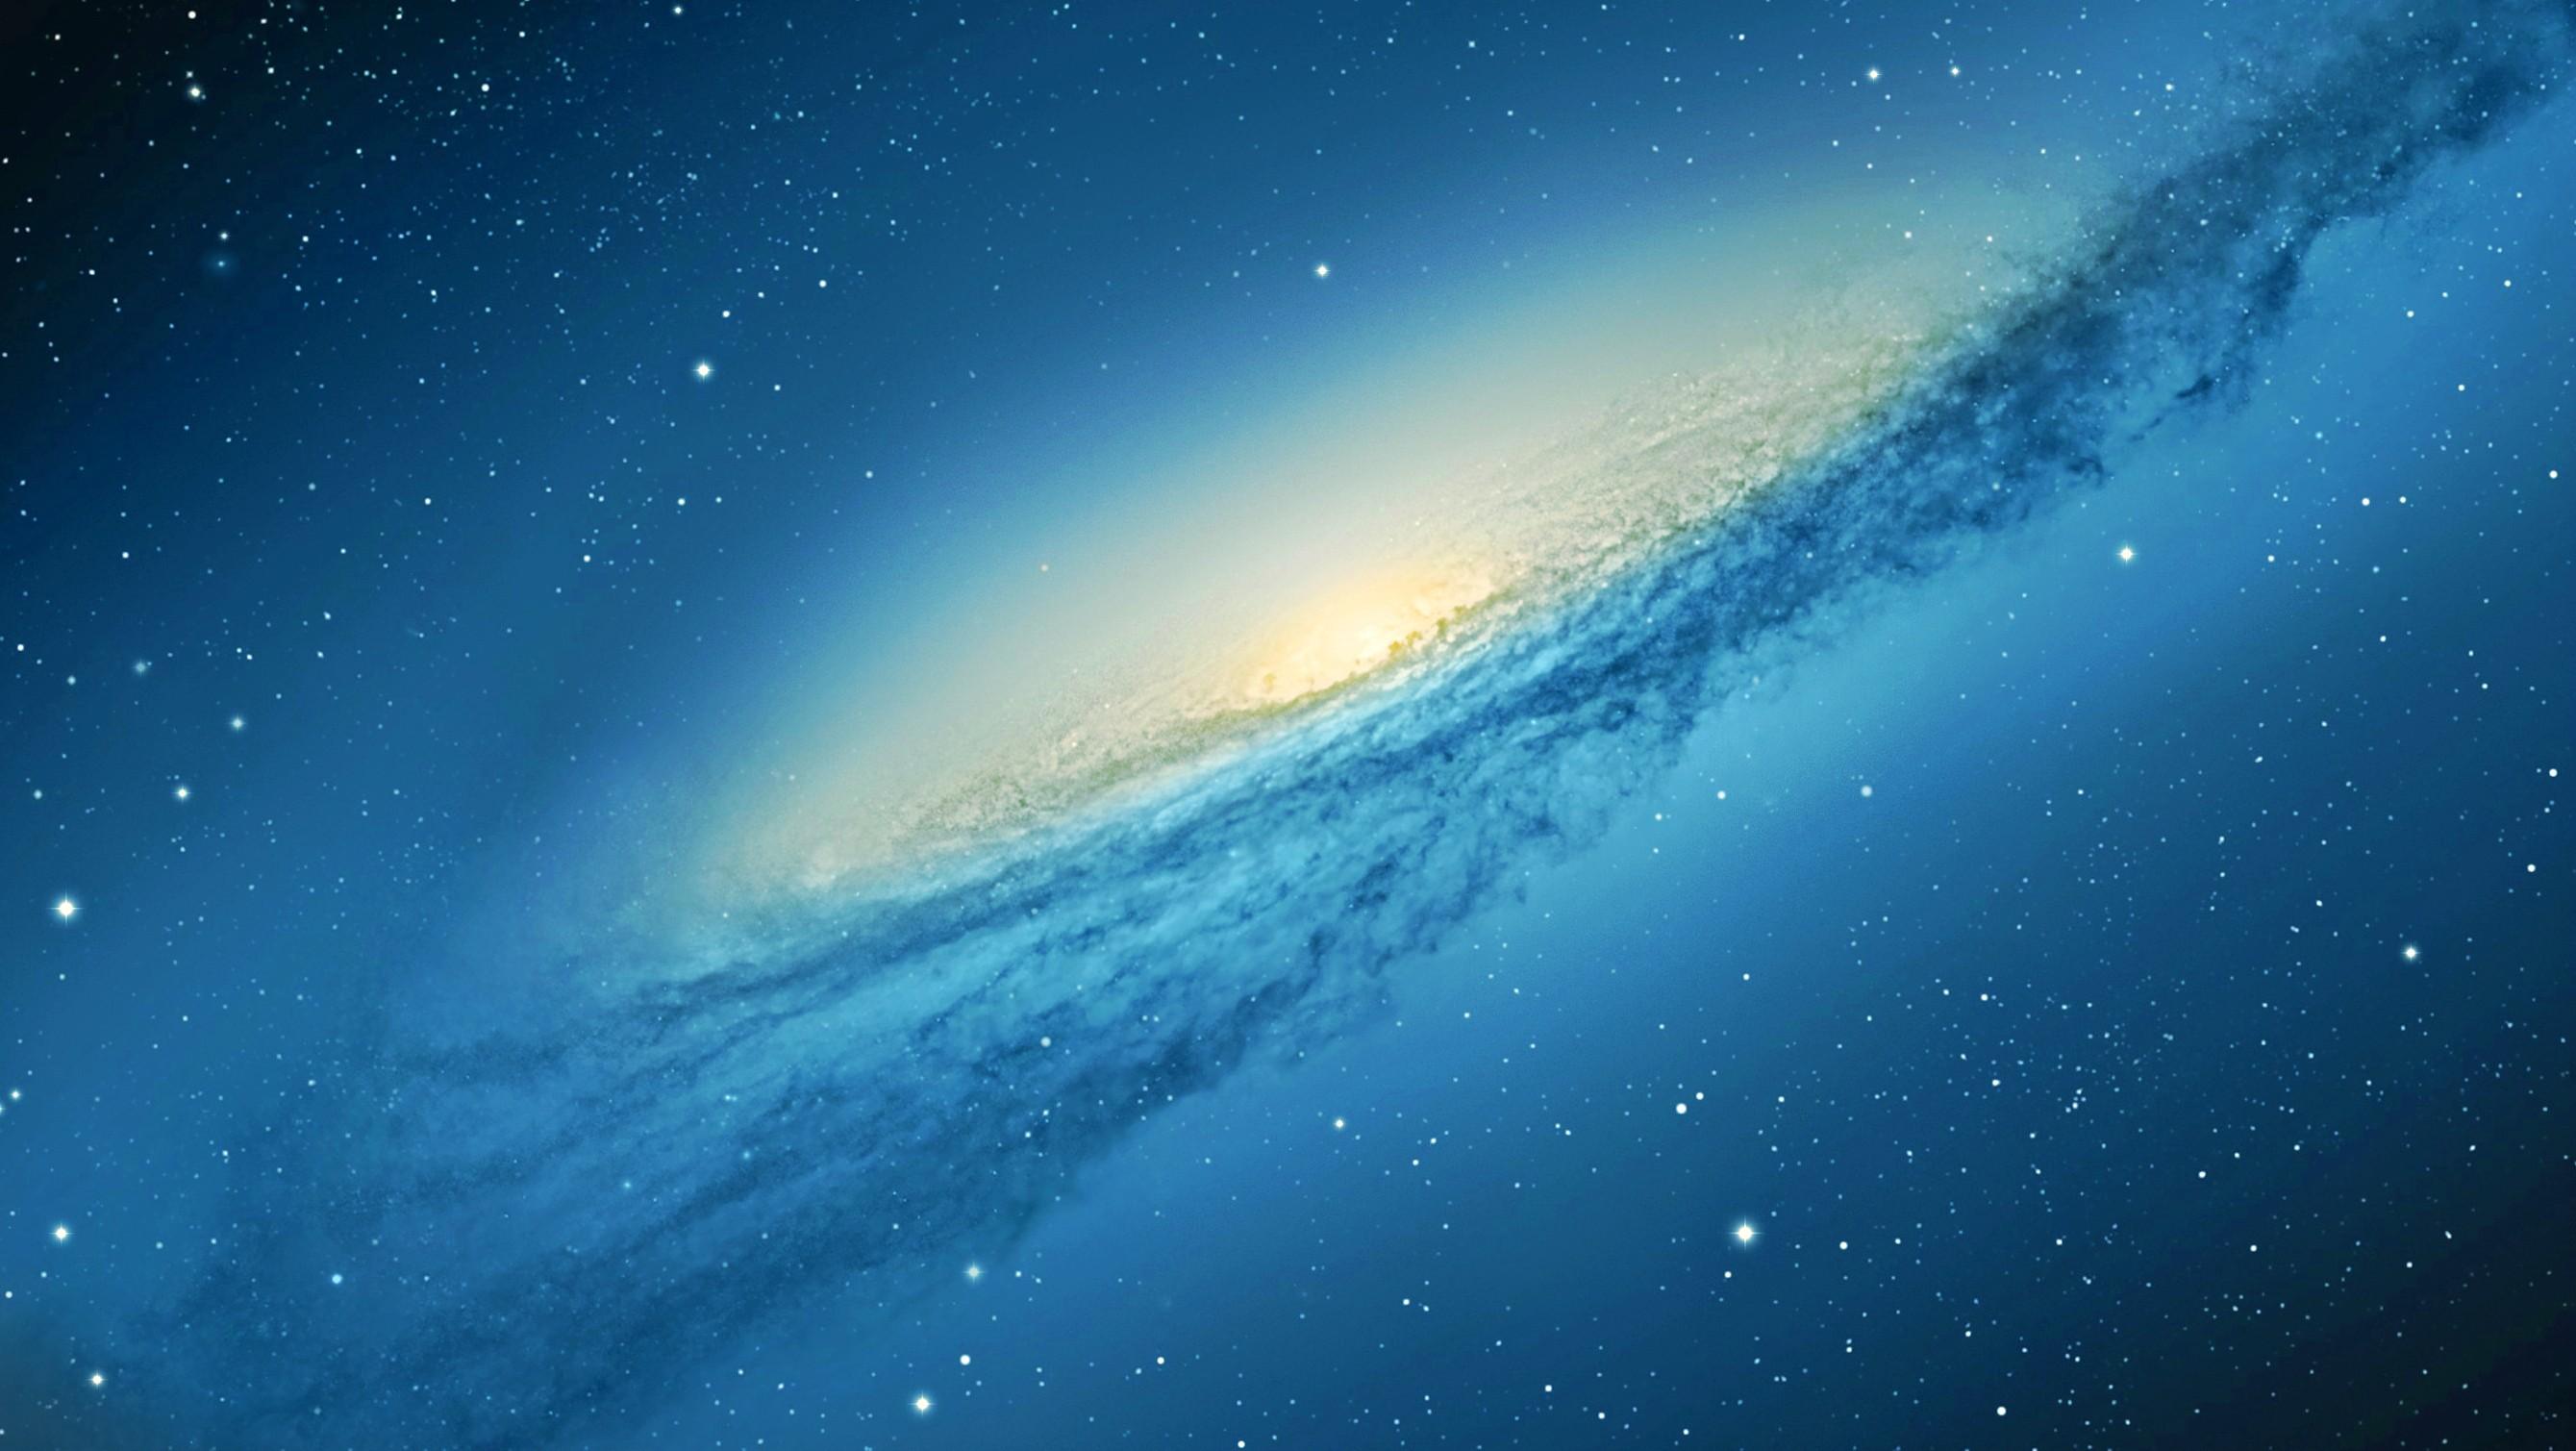 Fall Cabin Wallpaper Download Free Milky Way Galaxy Backgrounds Pixelstalk Net